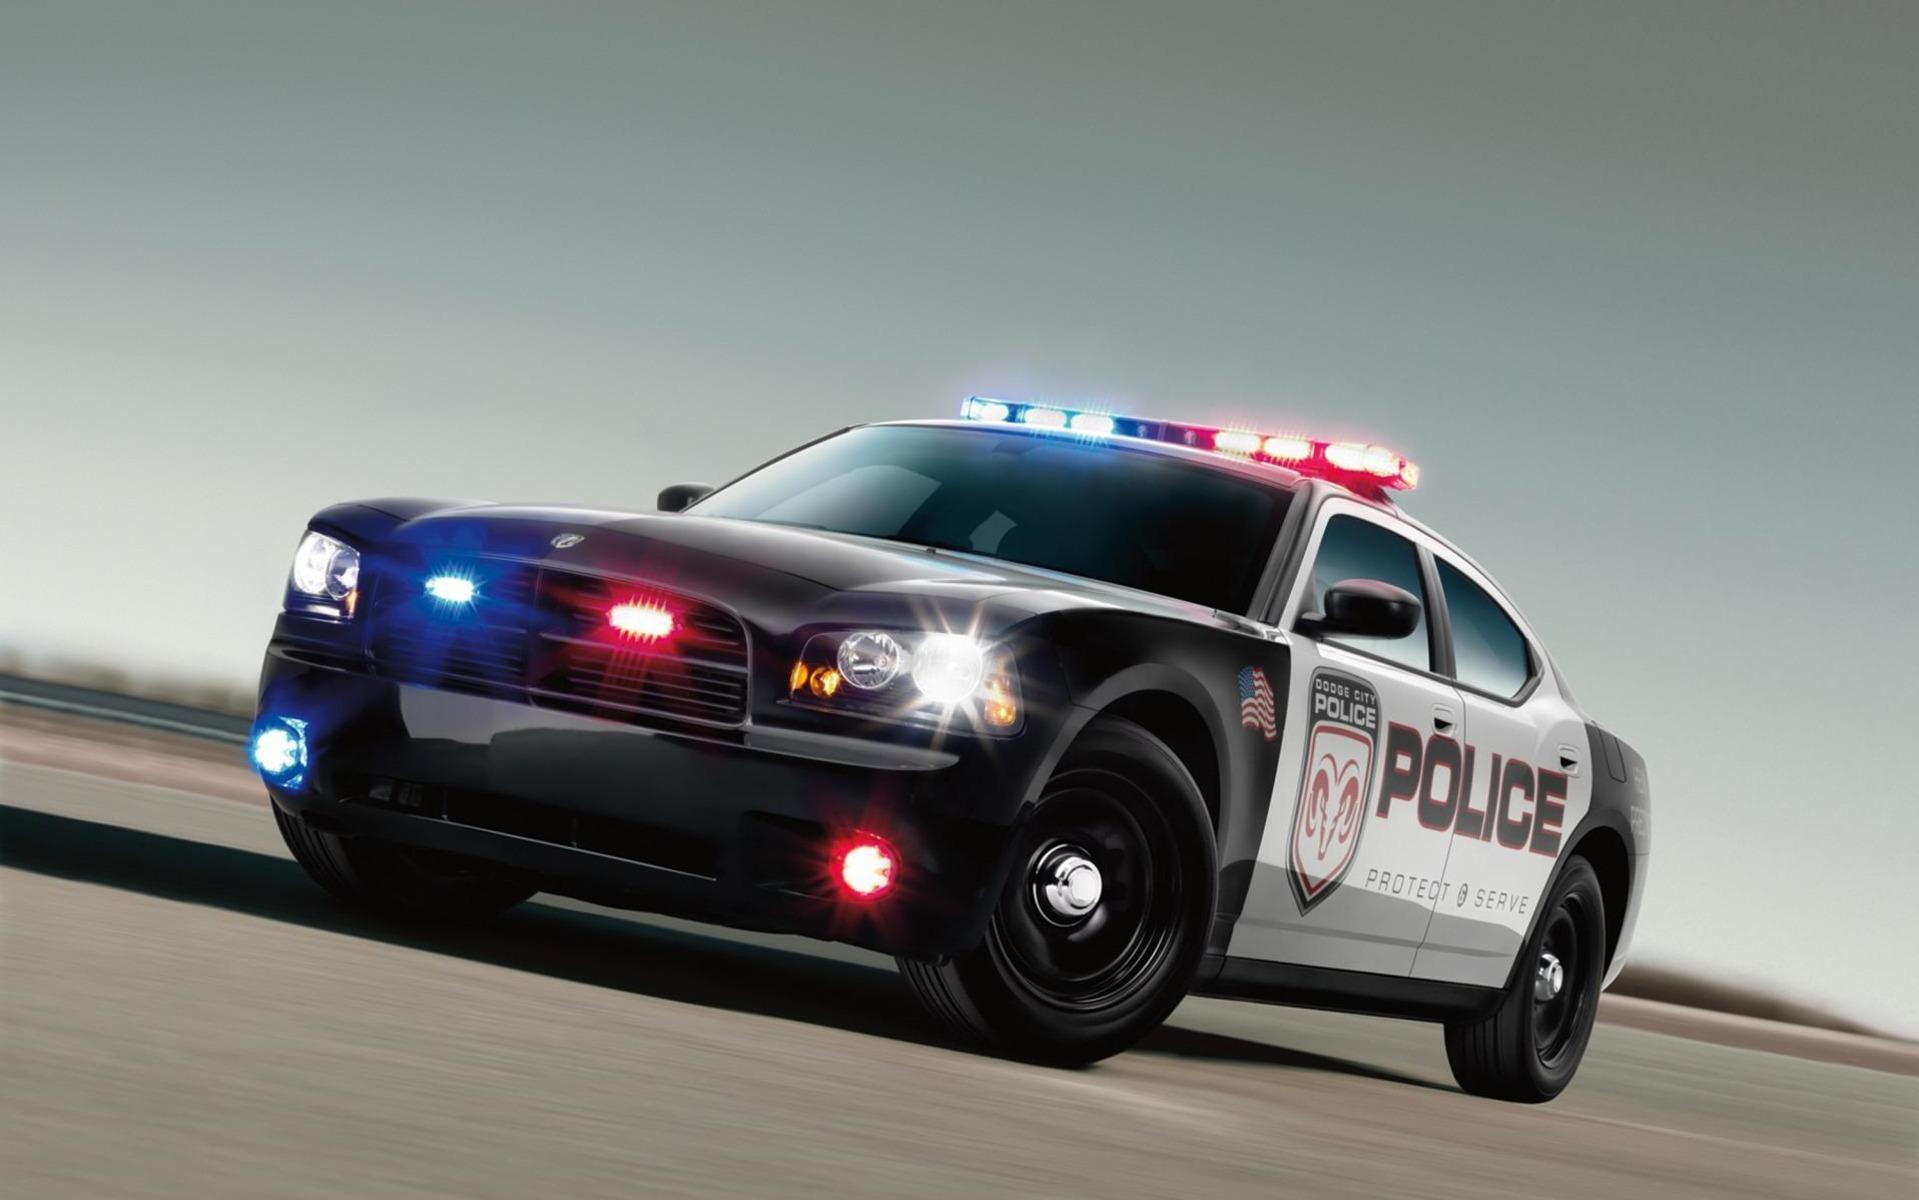 <p>Dodge Charger 3.6 L RWD : 0-160 km/h en 20,23 secondes</p>